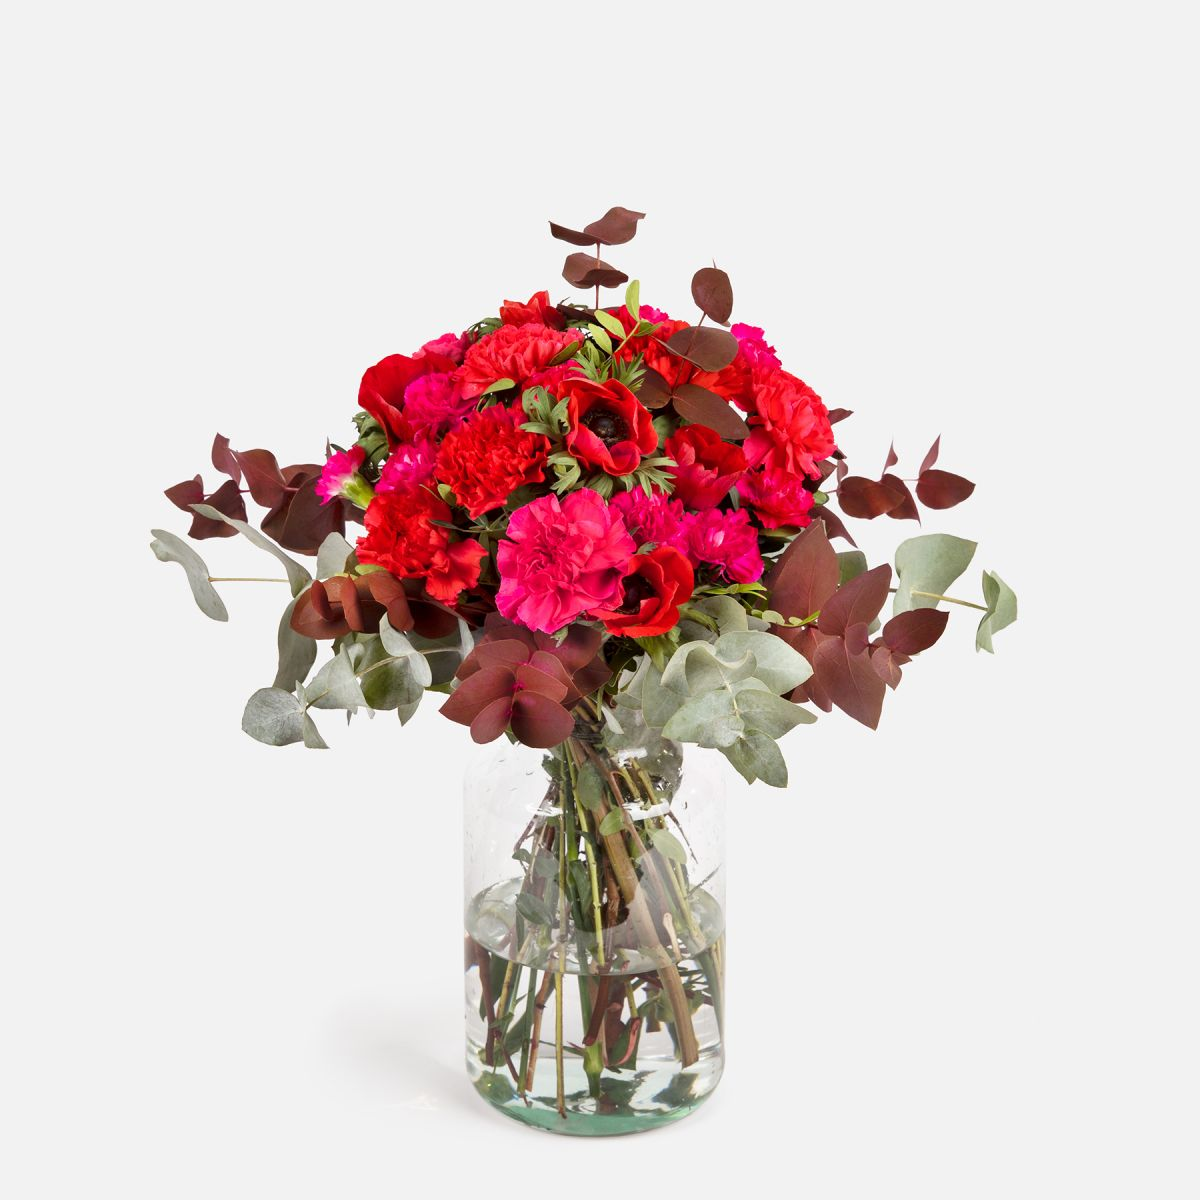 Poppy Bouquet by Kenzo